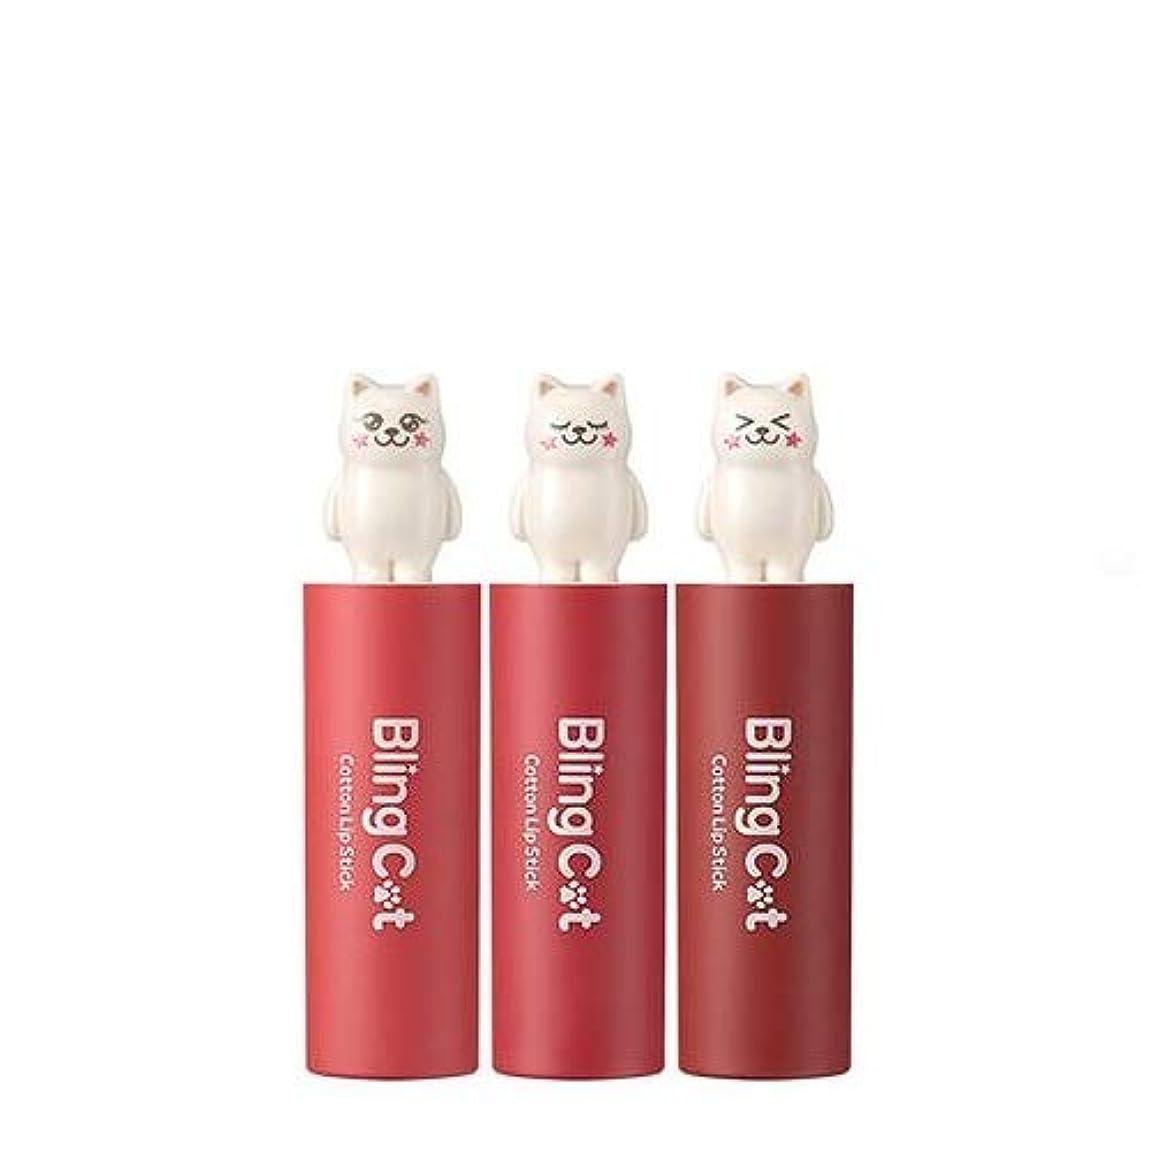 傘不可能な静かにトニーモリー ブリングキャット コットン リップスティック 3.4g / TONYMOLY Bling Cat Cotton Lipstick # 08. Femme Love [並行輸入品]